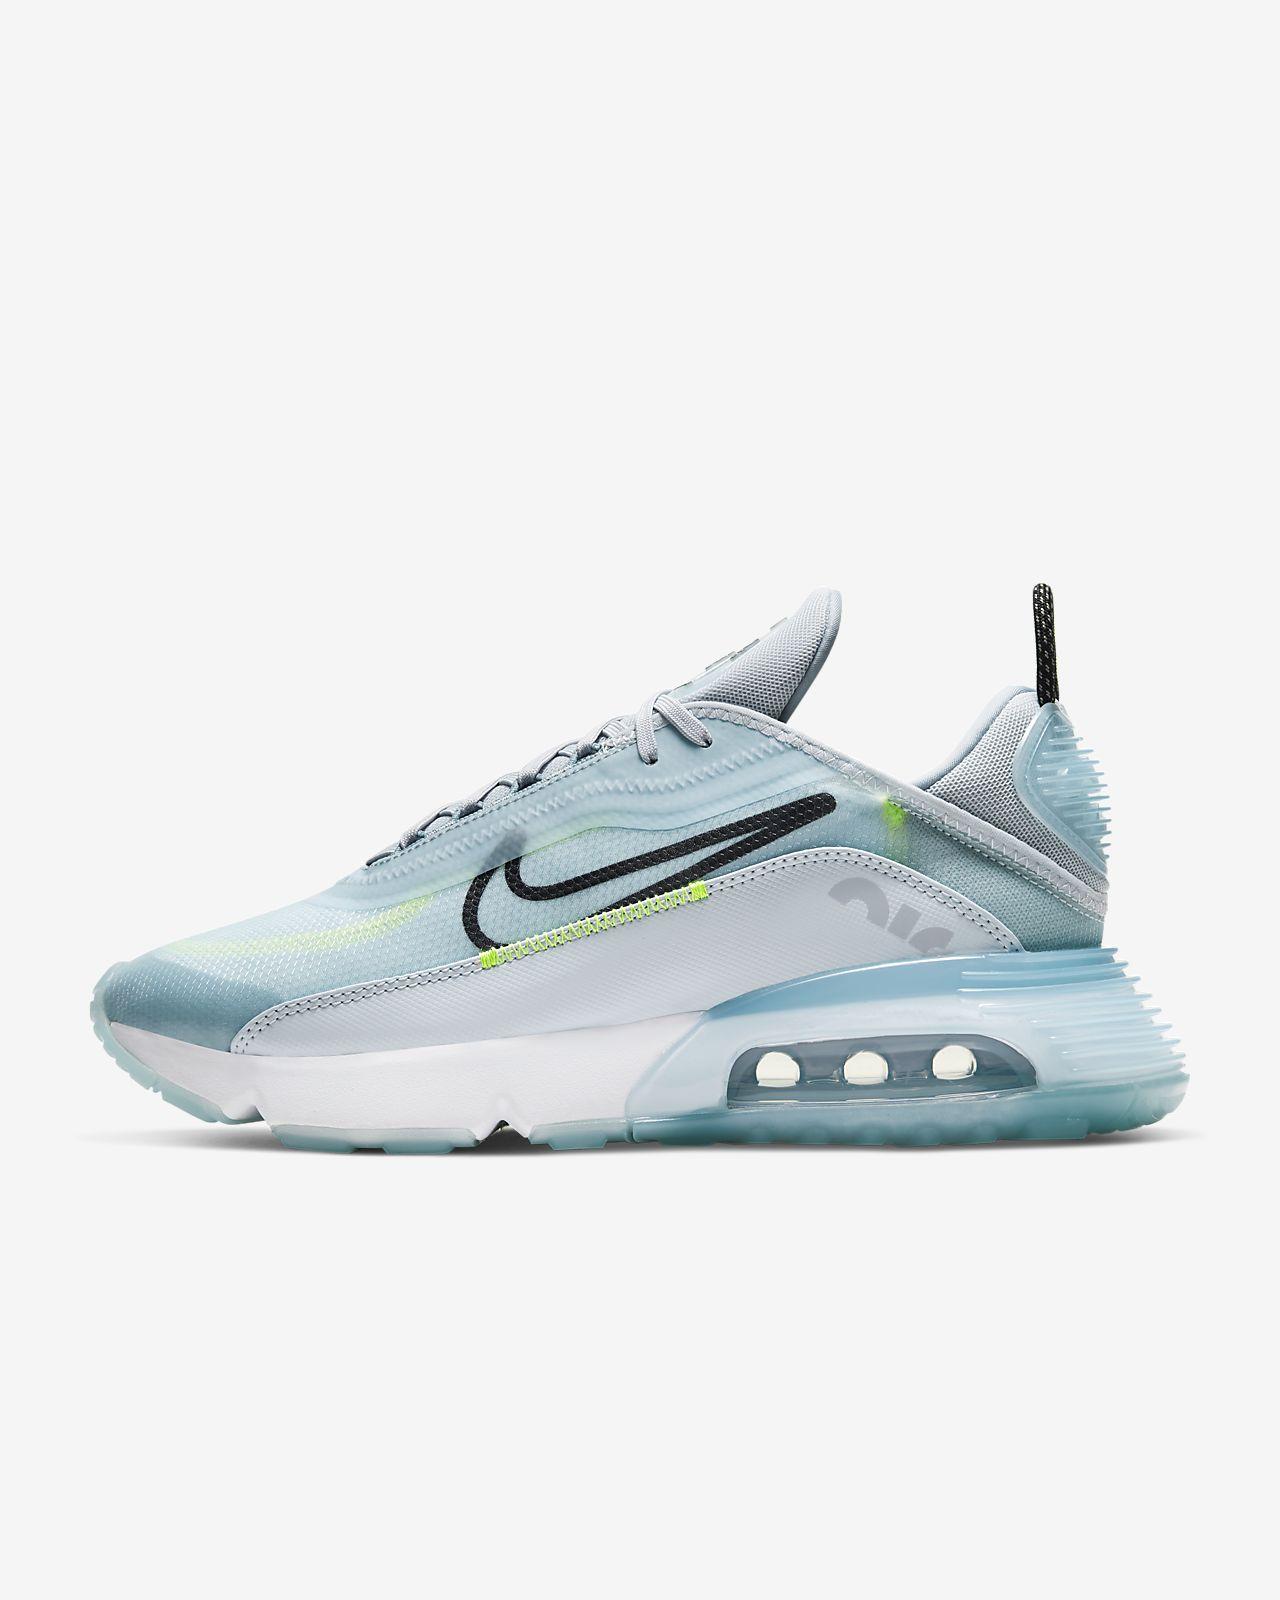 รองเท้าผู้ชาย Nike Air Max 2090